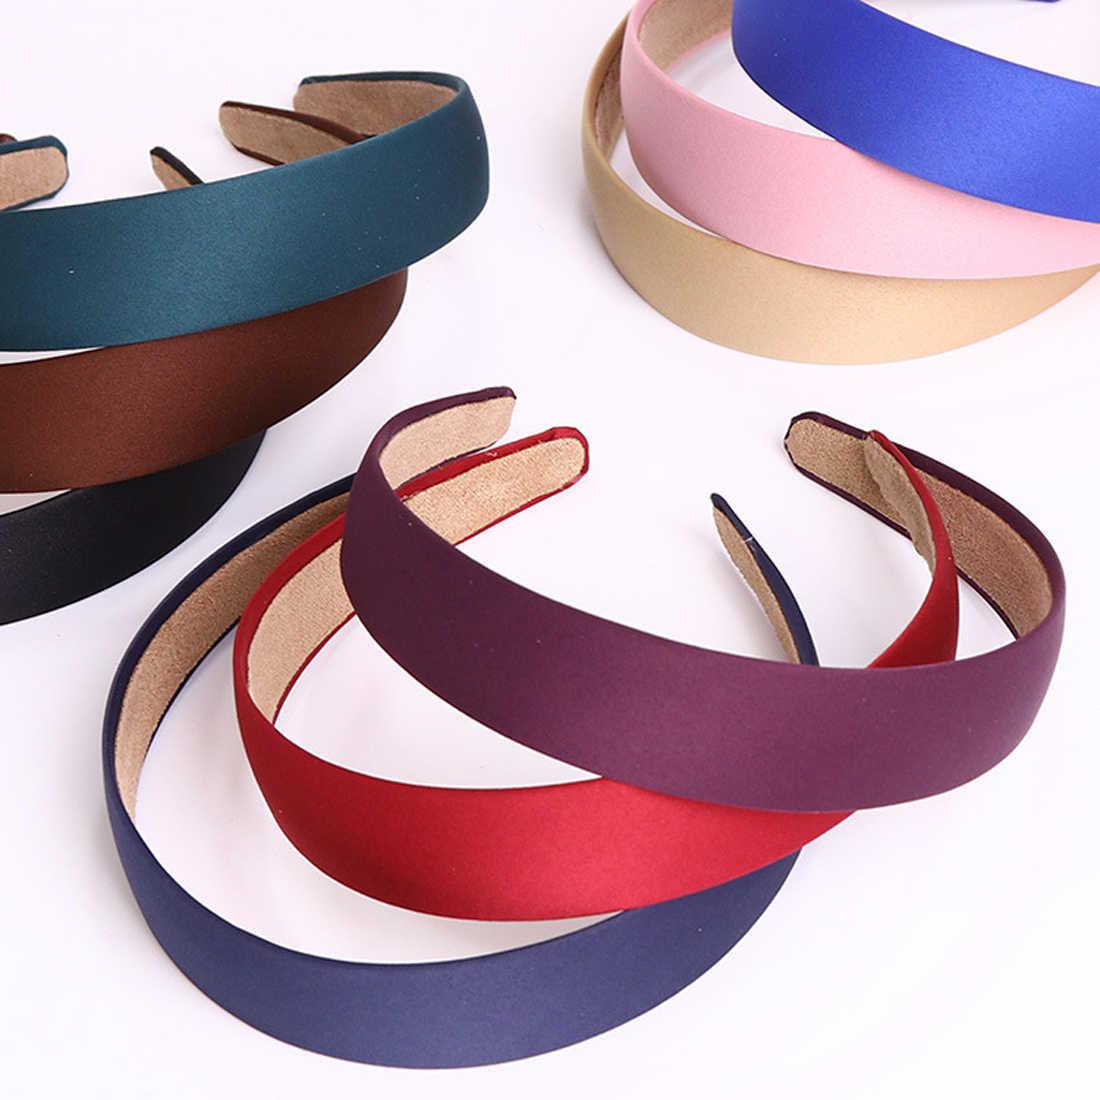 1 шт., одноцветная модная женская Брезентовая широкая повязка на голову, повязка на голову, повязки на голову, изысканные обручи для волос